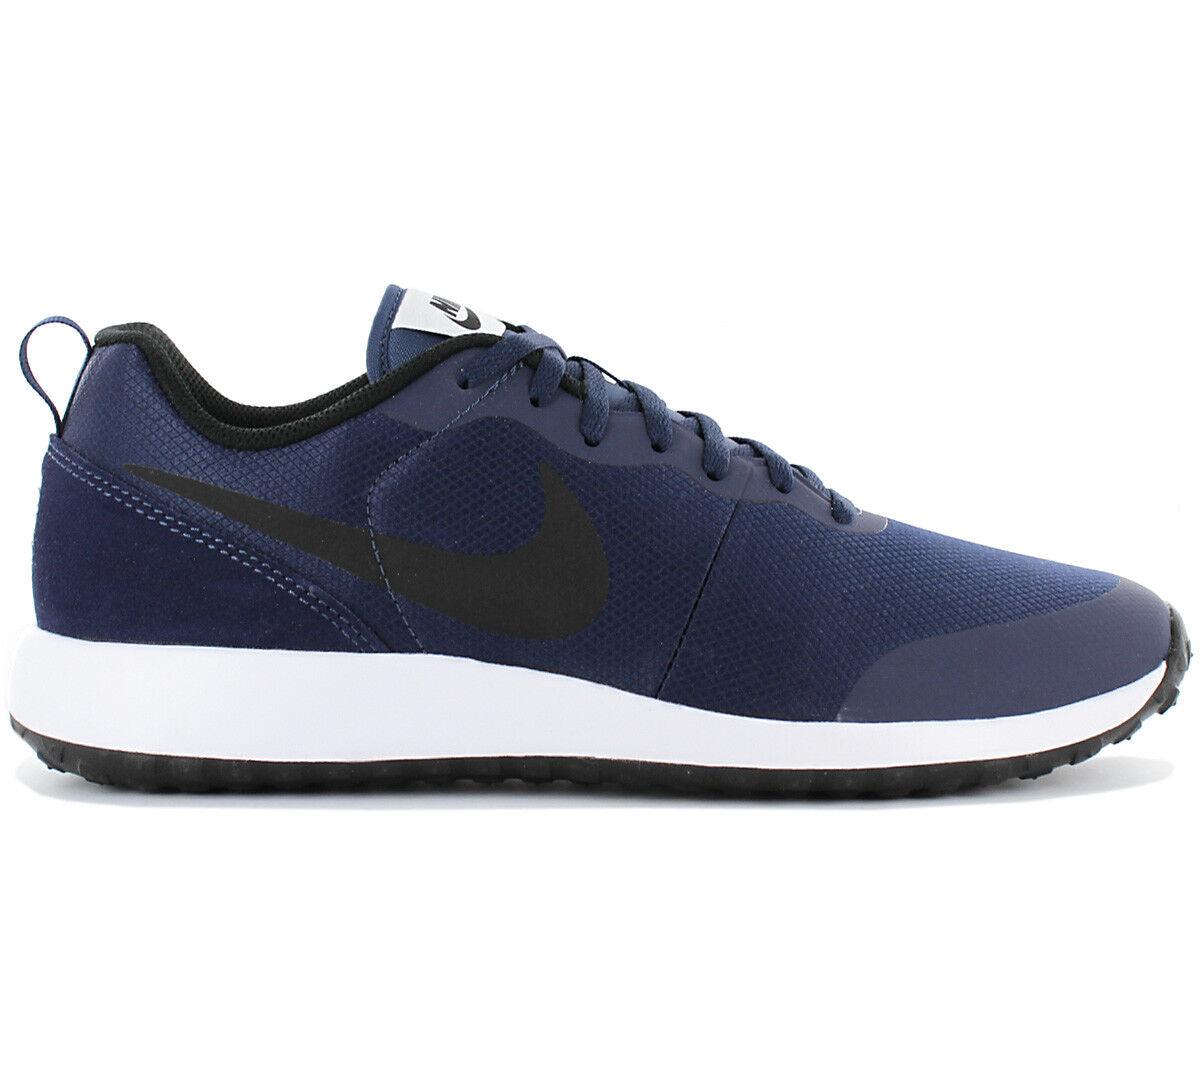 Nike Elite Shinsen Herren Sneaker NEU Schuhe Turnschuhe Sportschuhe 801780-400 NEU Sneaker a2df33